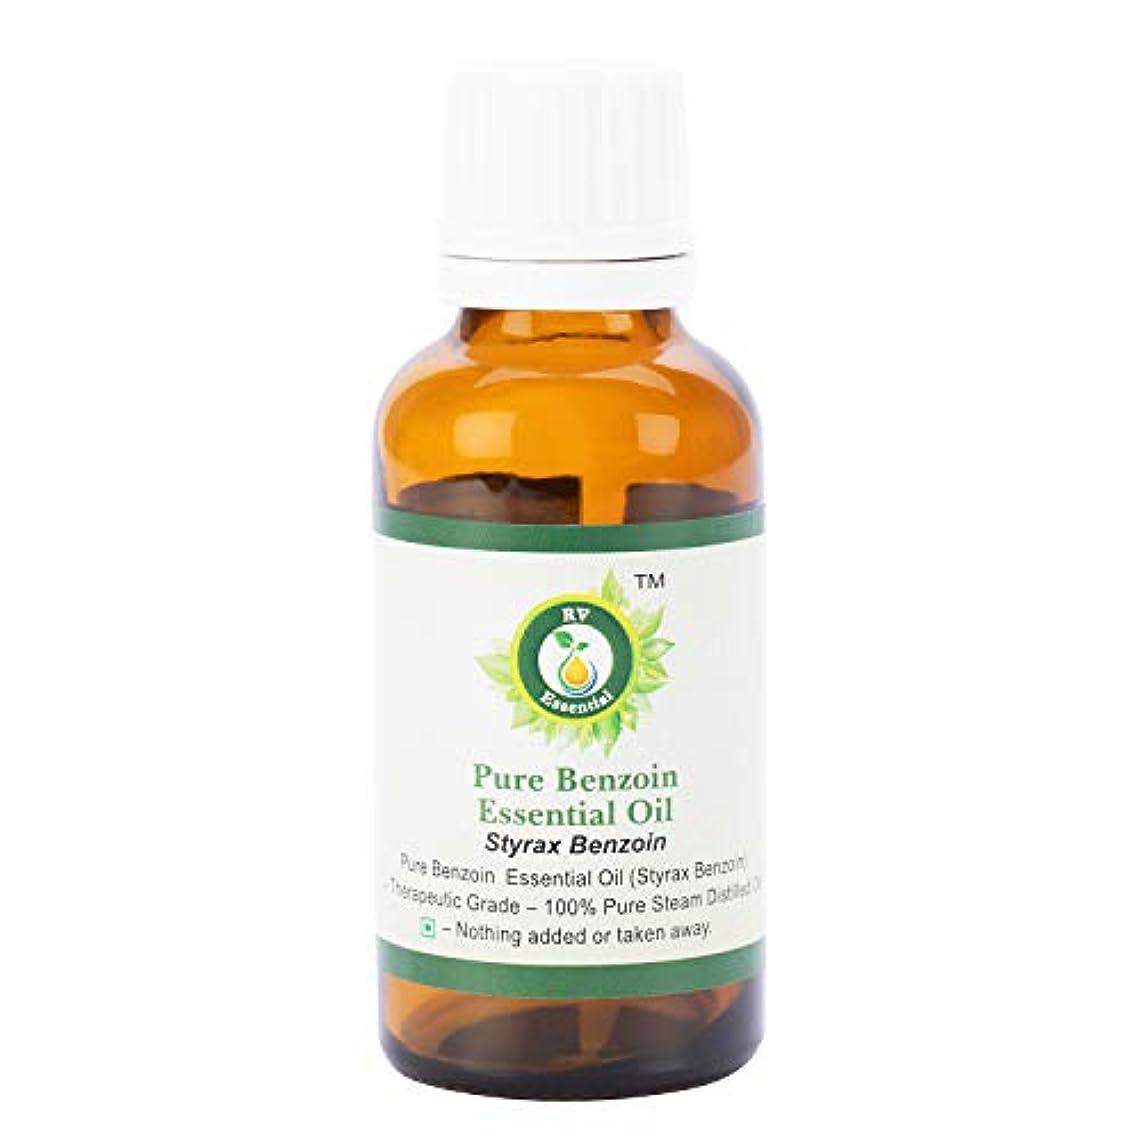 フラスコ勇気のあるコットンピュアエッセンシャルオイルベンゾイン5ml (0.169oz)- Styrax Benzoin (100%純粋&天然スチームDistilled) Pure Benzoin Essential Oil